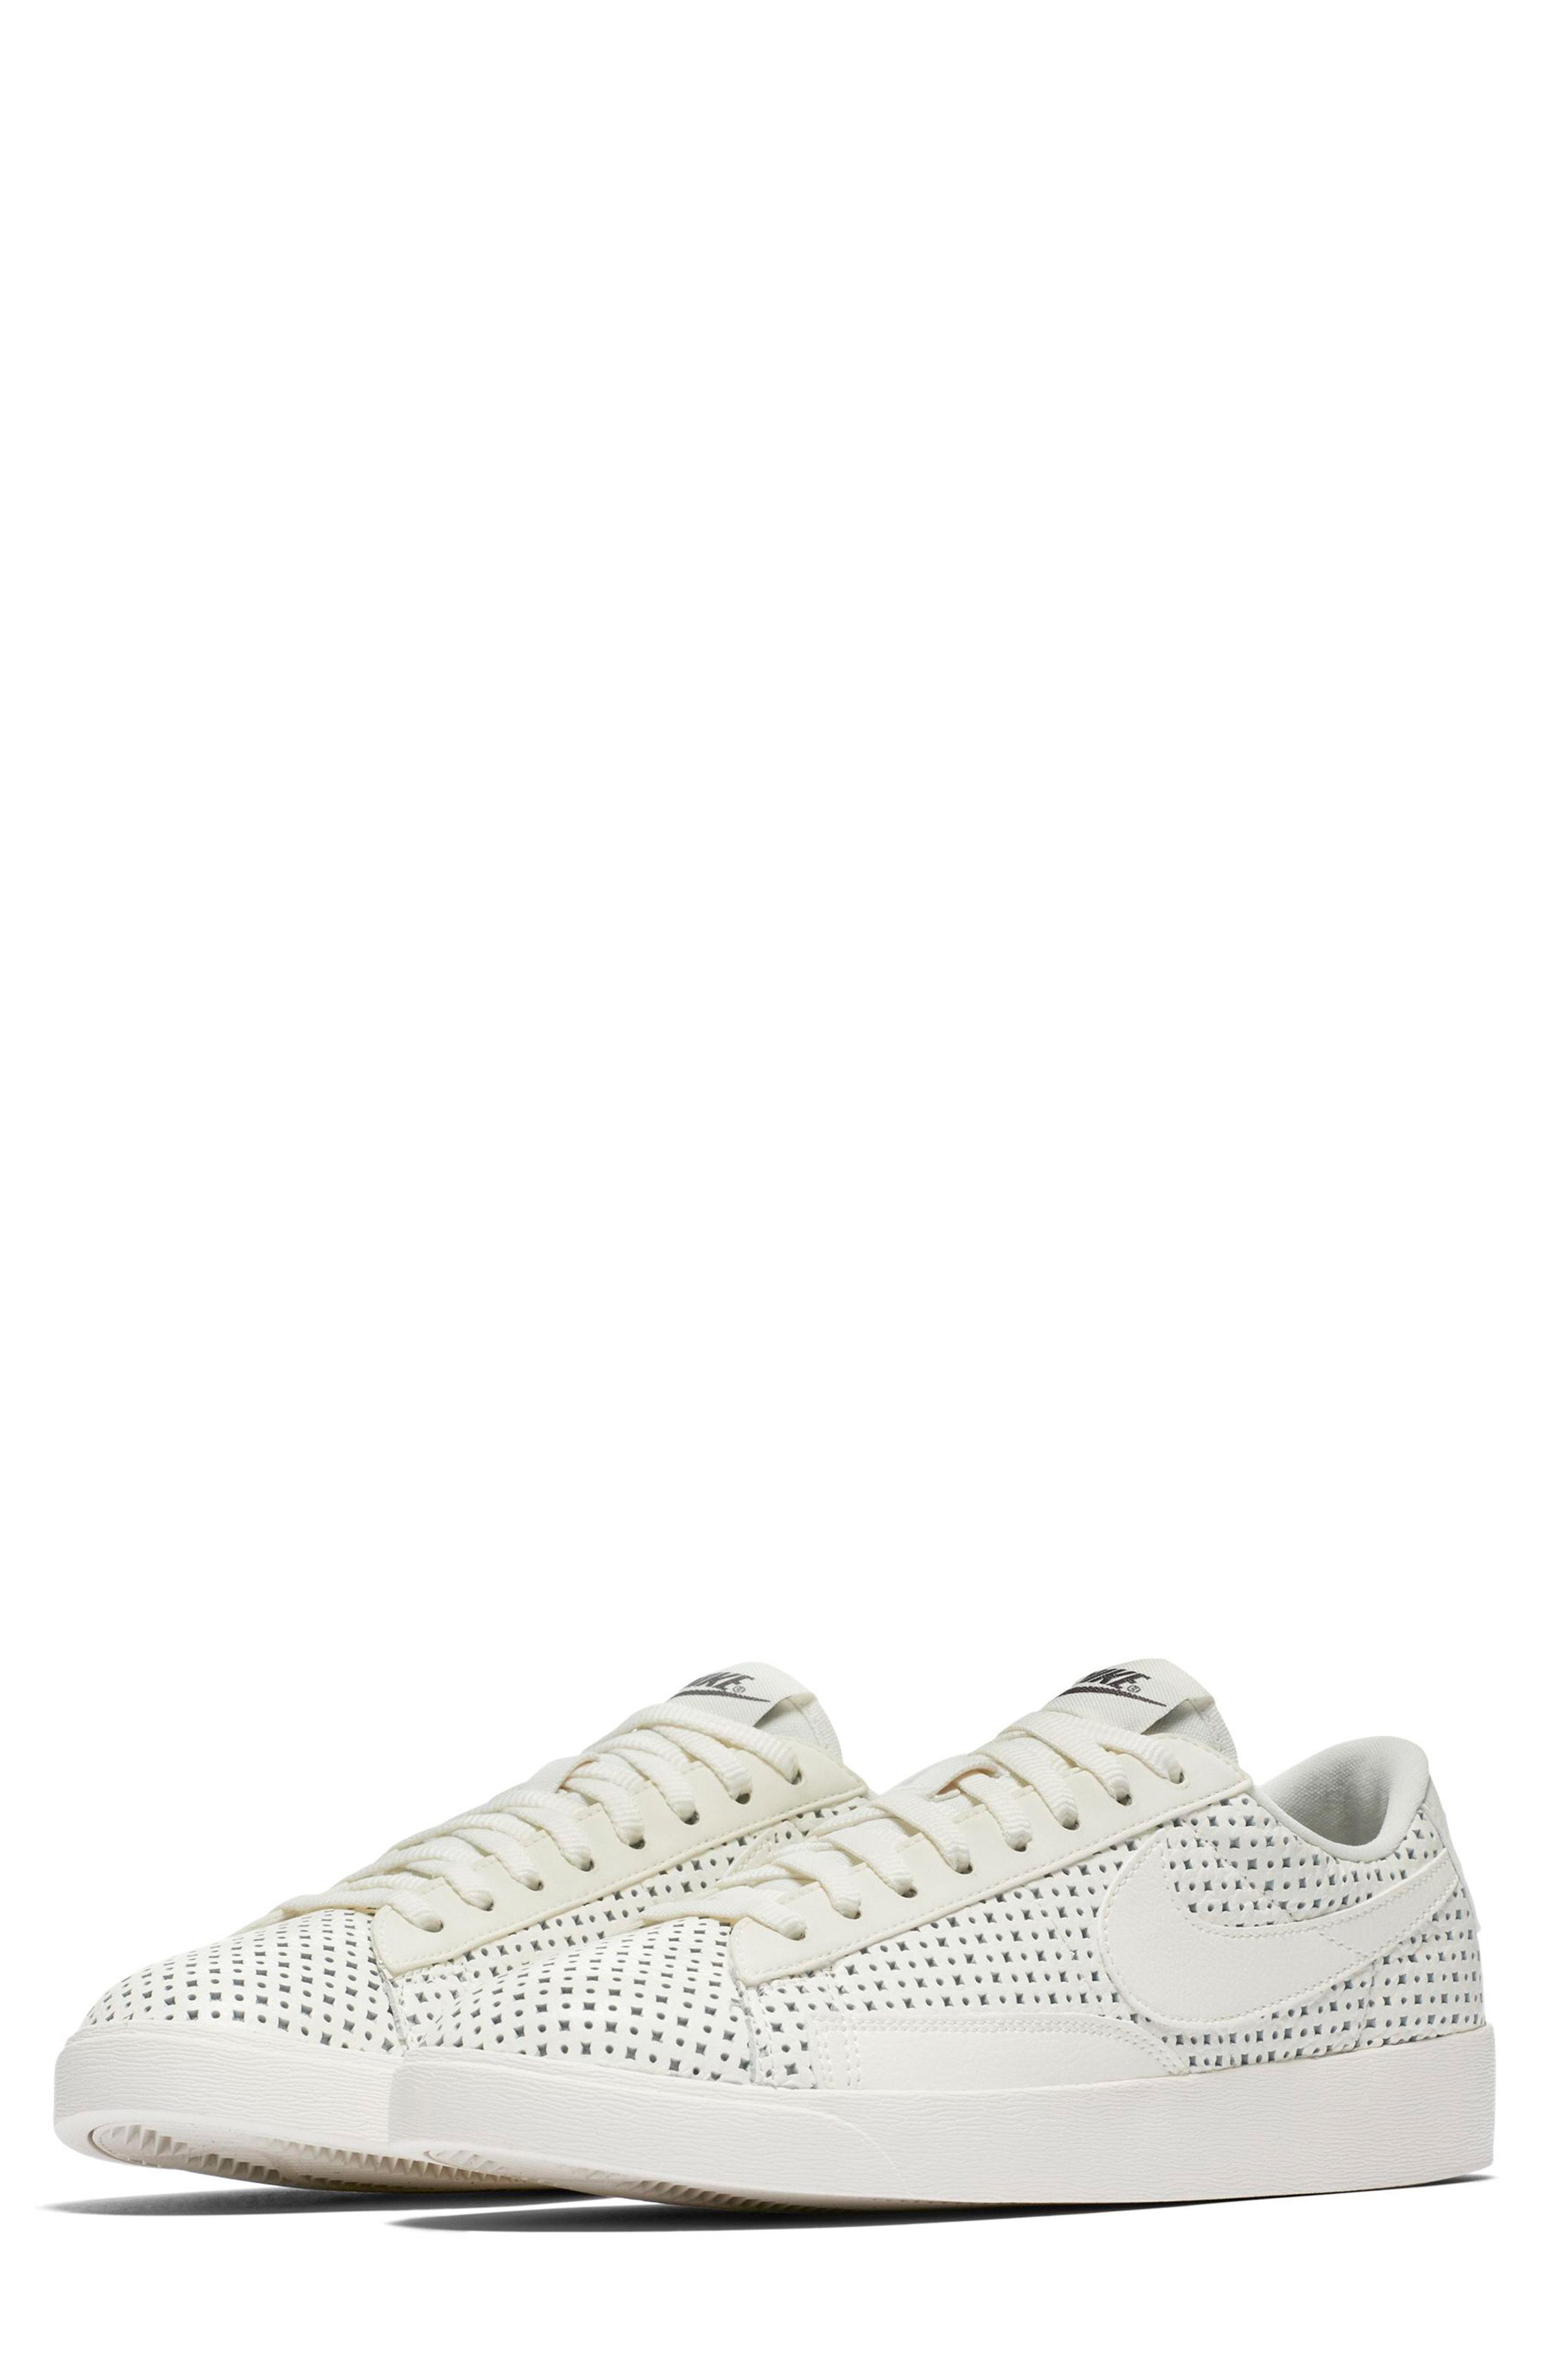 Nike Blazer Low Se Sneaker In Sail/ Sail